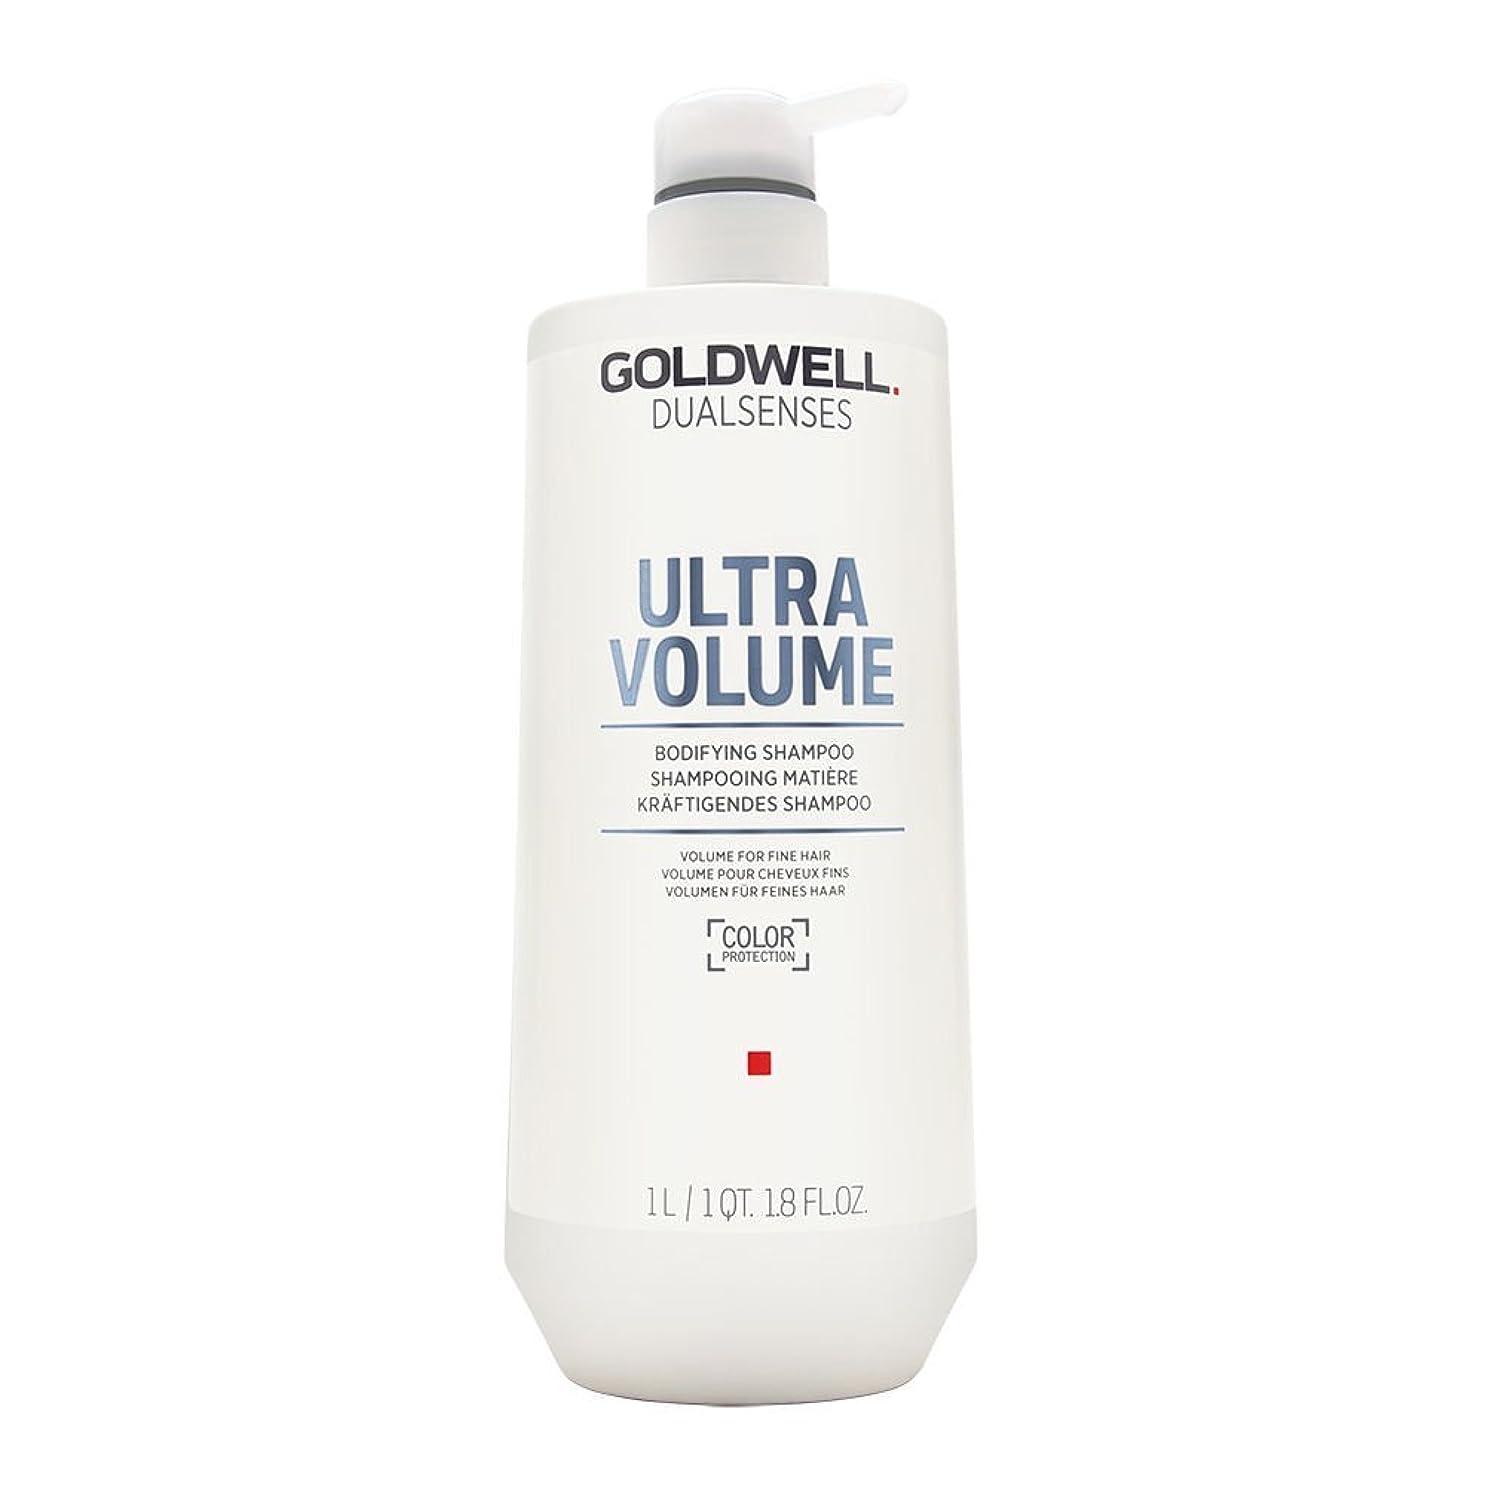 ゴールドウェル Dual Senses Ultra Volume Bodifying Shampoo (Volume For Fine Hair) 1000ml